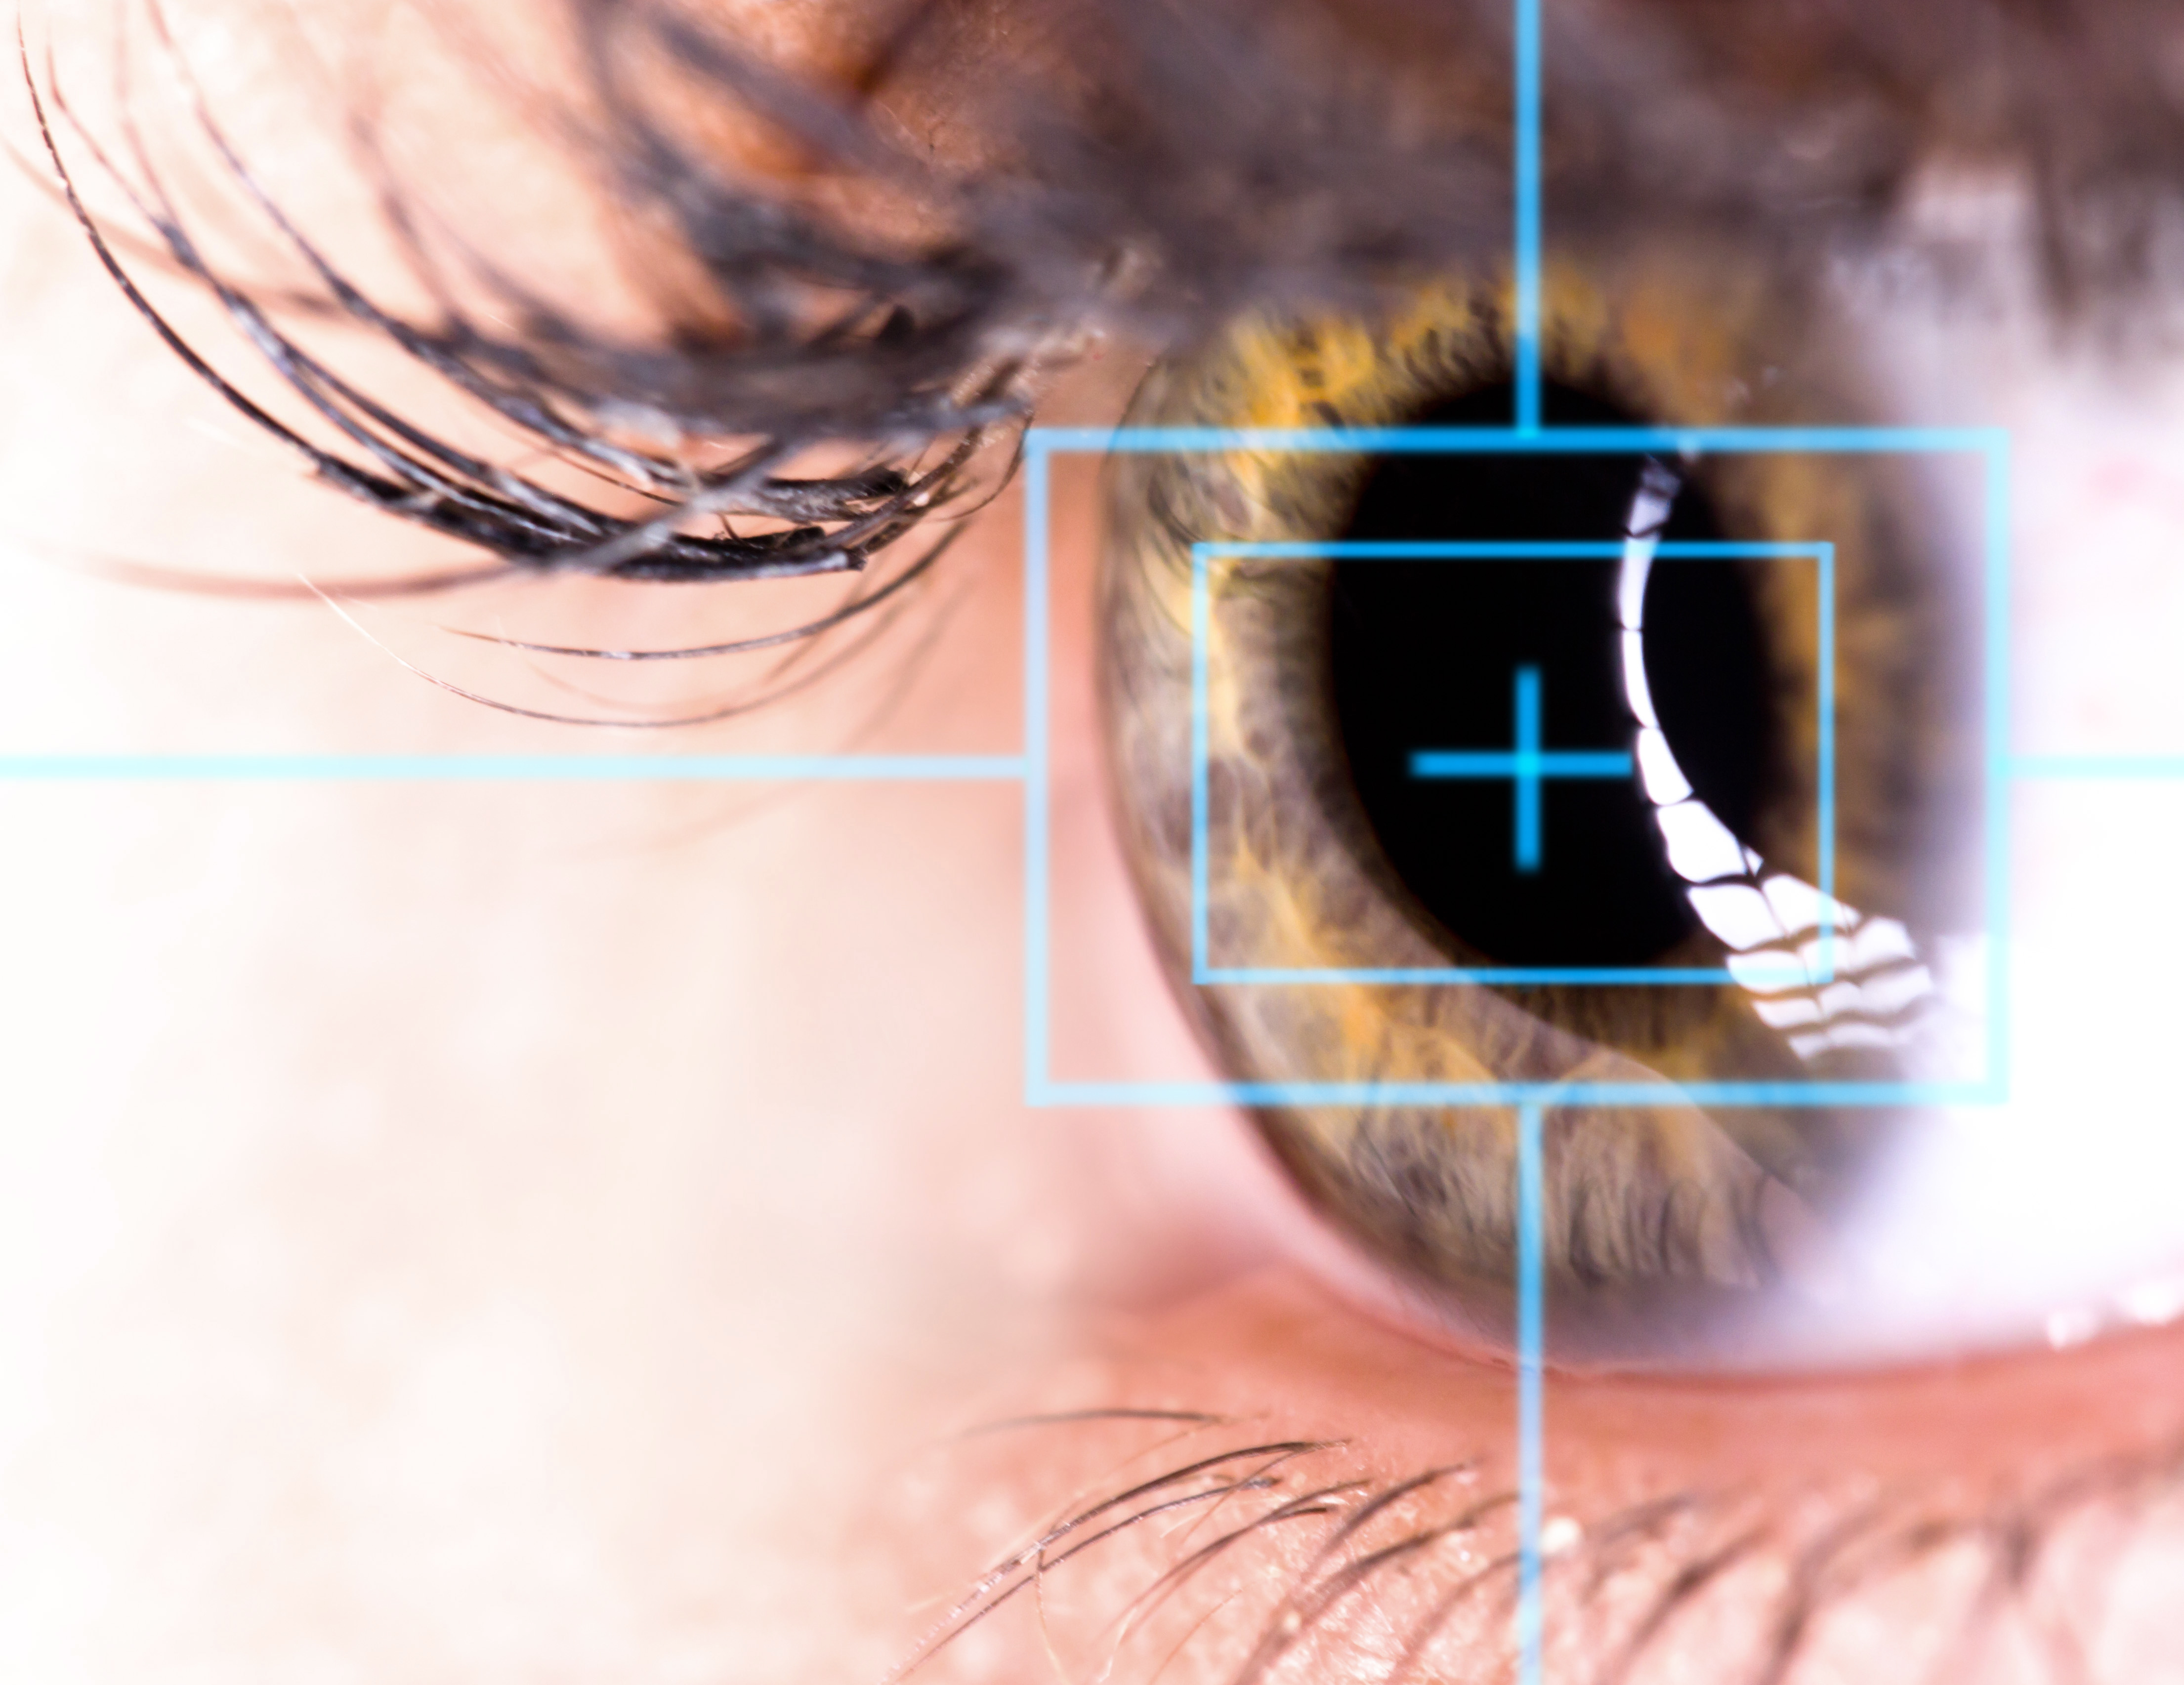 För att korrigera brytningsfel vid närsynthet kan laser användas. Behandlingen görs för att slippa använda glasögon eller linser.